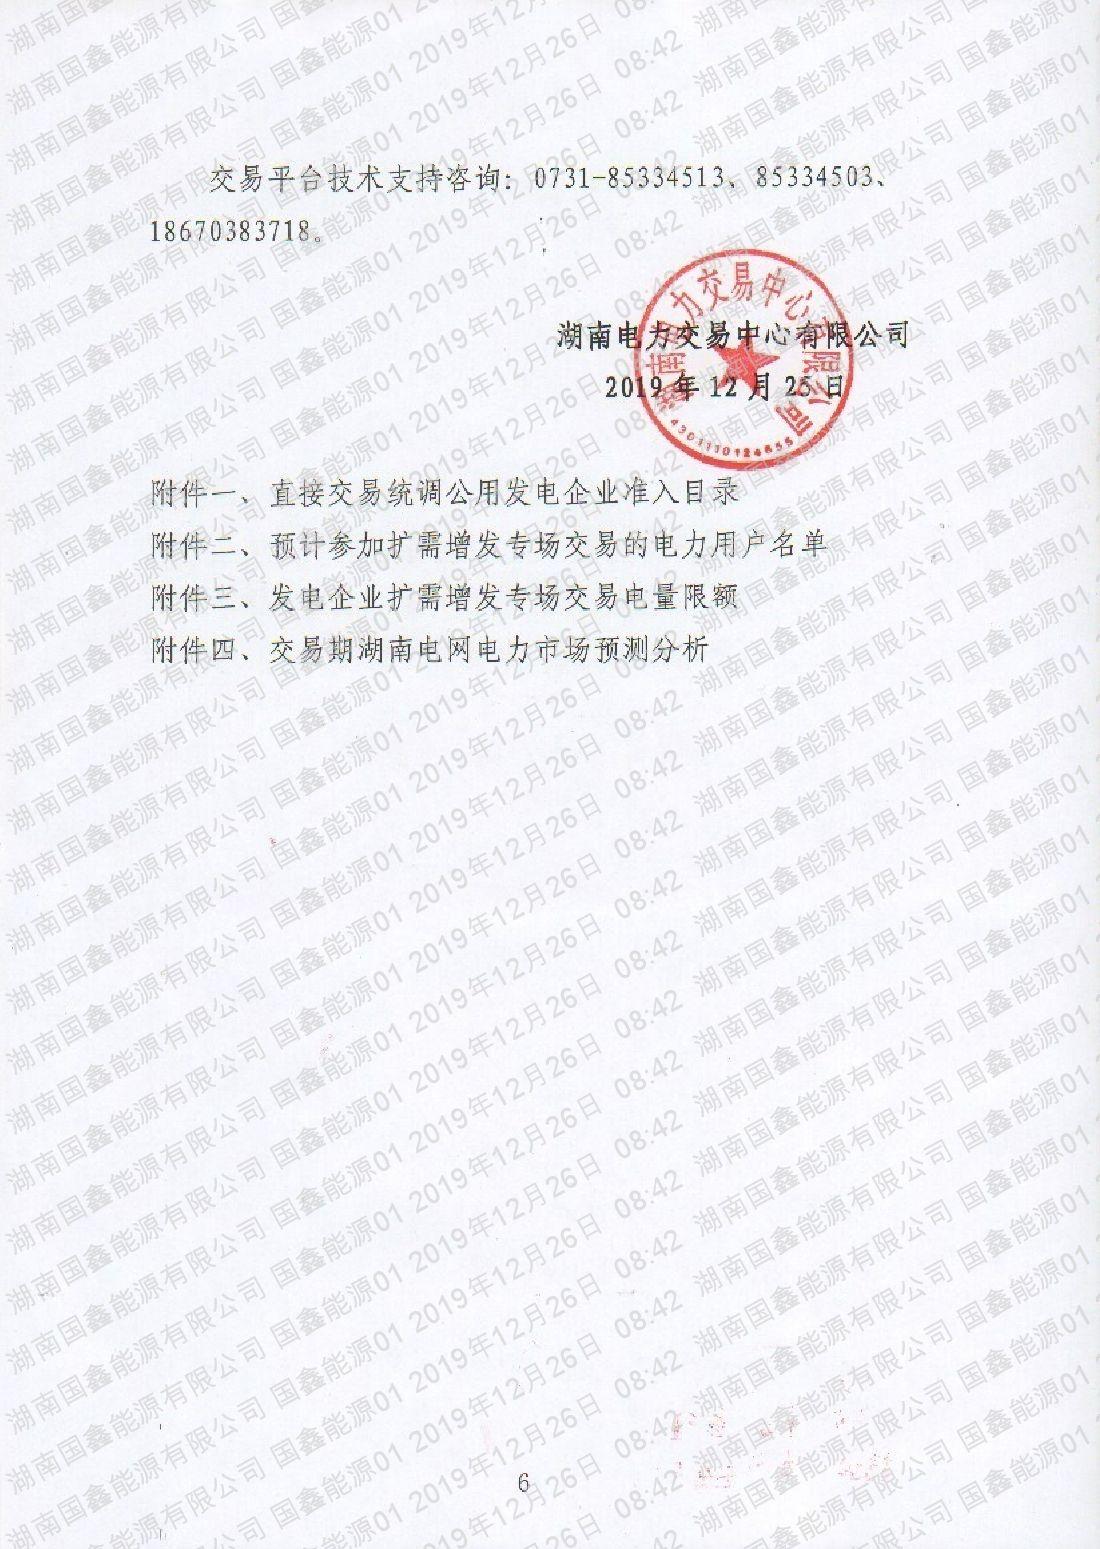 2020年第1號交易公告(1月擴需增發專場交易).pdf_page_6_compressed.jpg